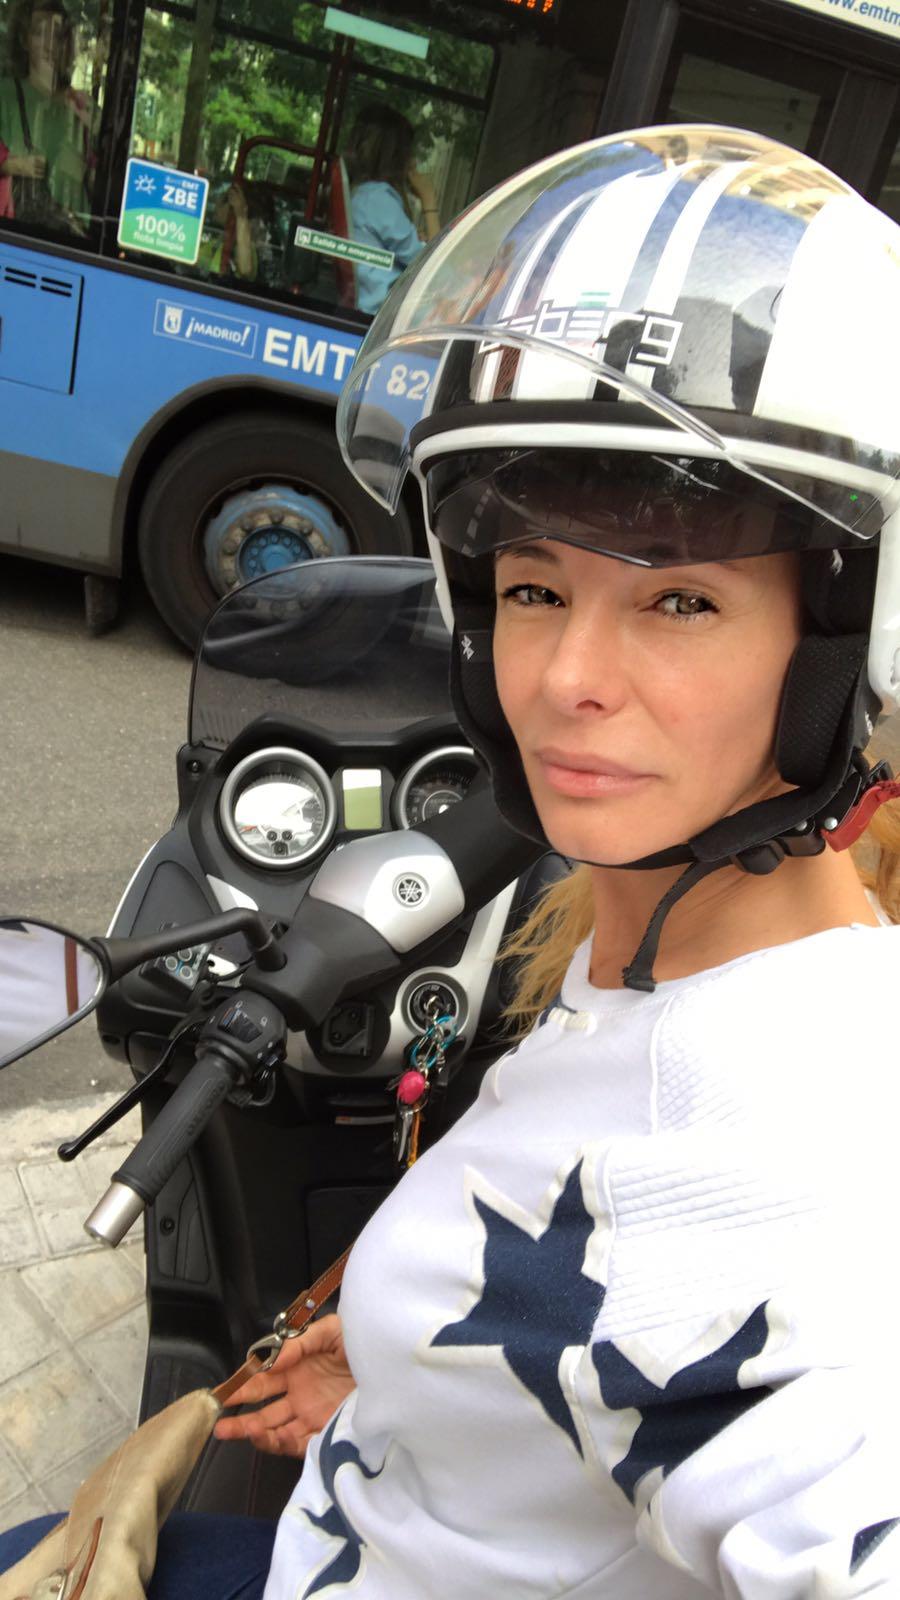 Paula en moto por las calles de Madrid.